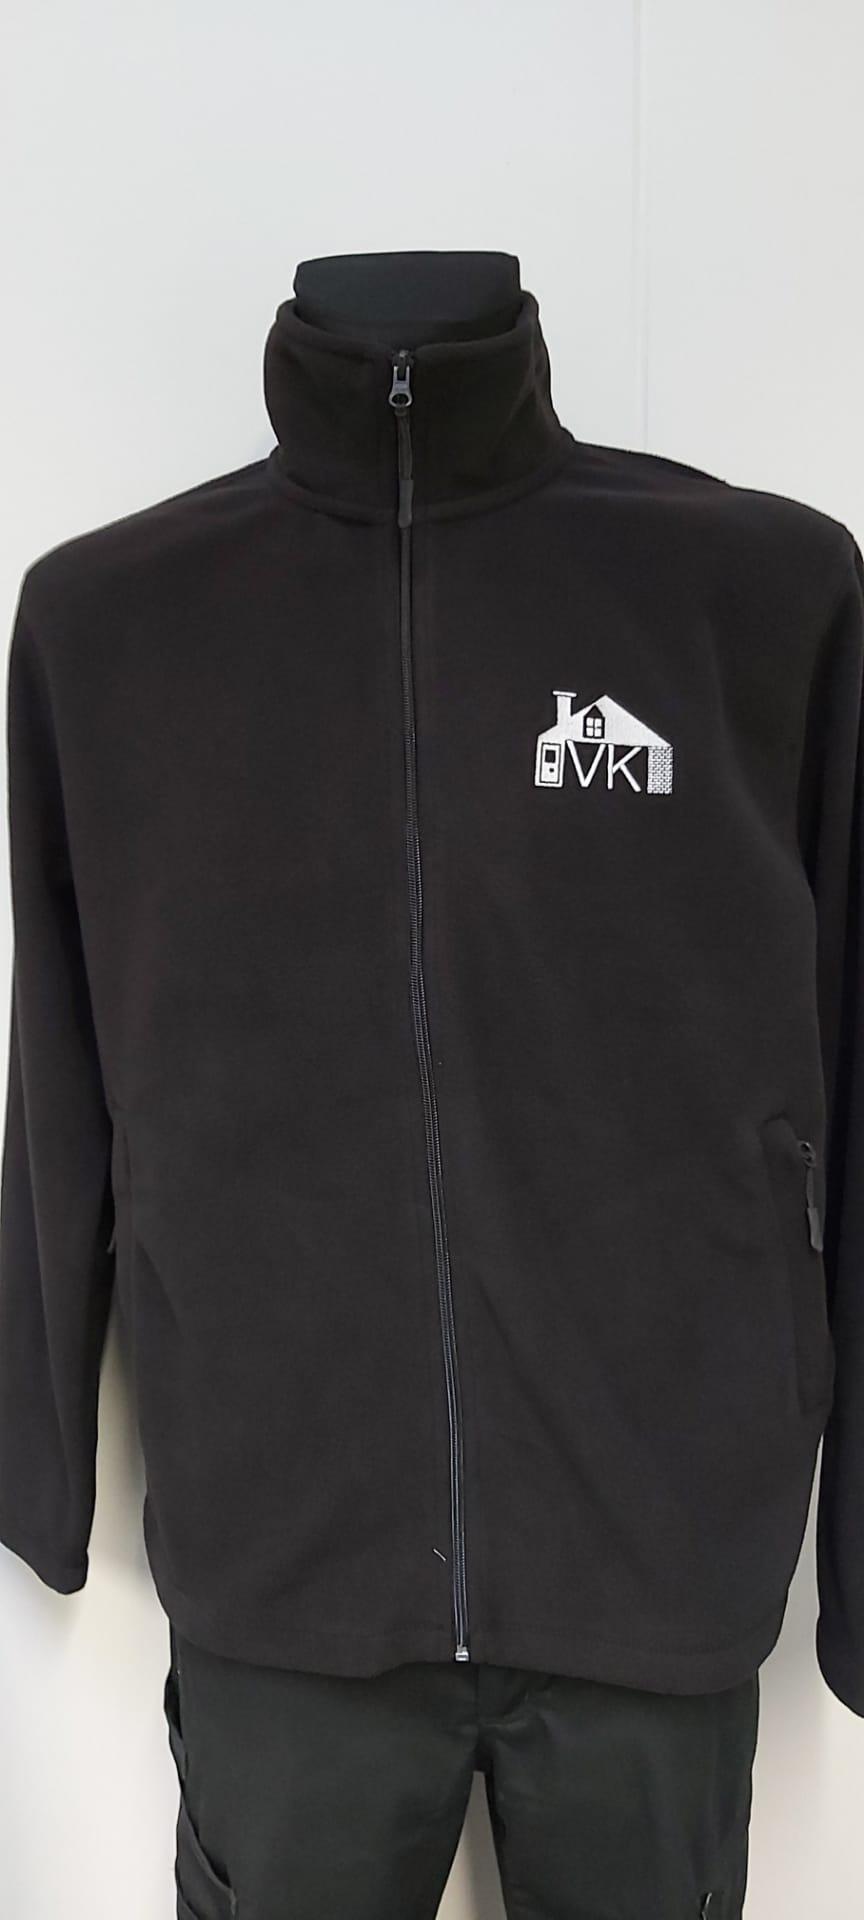 geborduurd logo Verdonck Koen